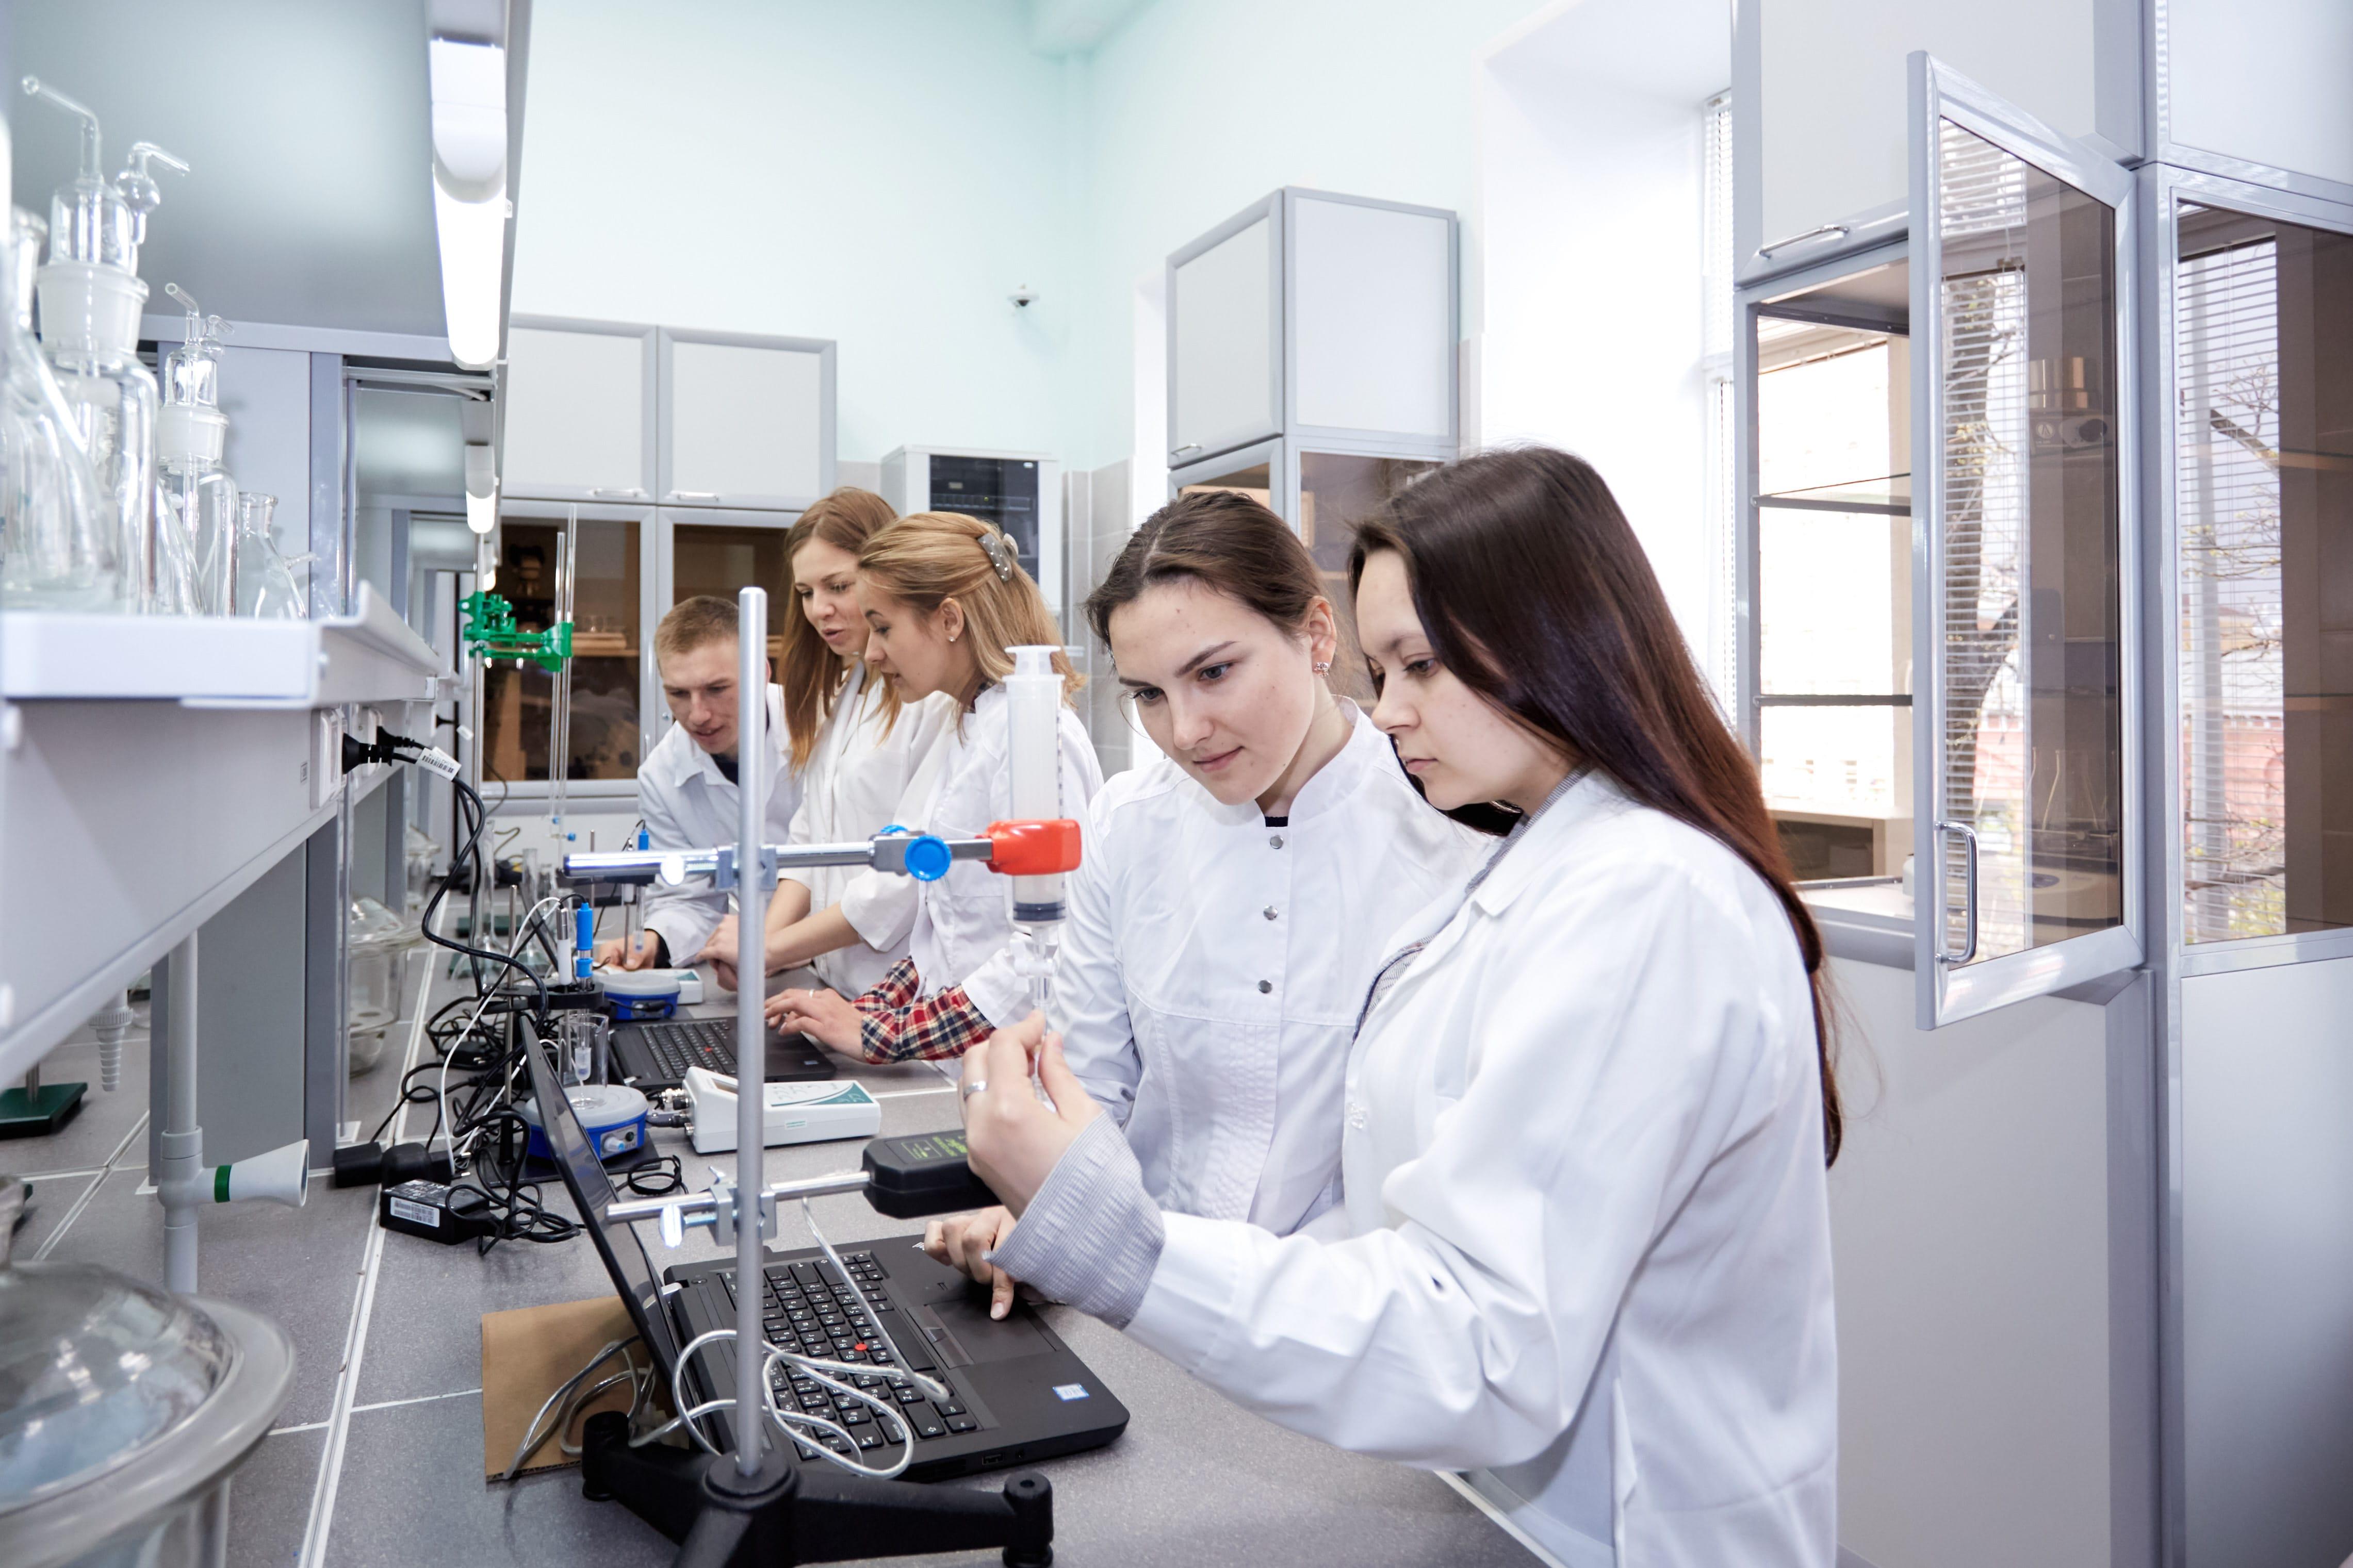 украшают научные школы картинки как положено